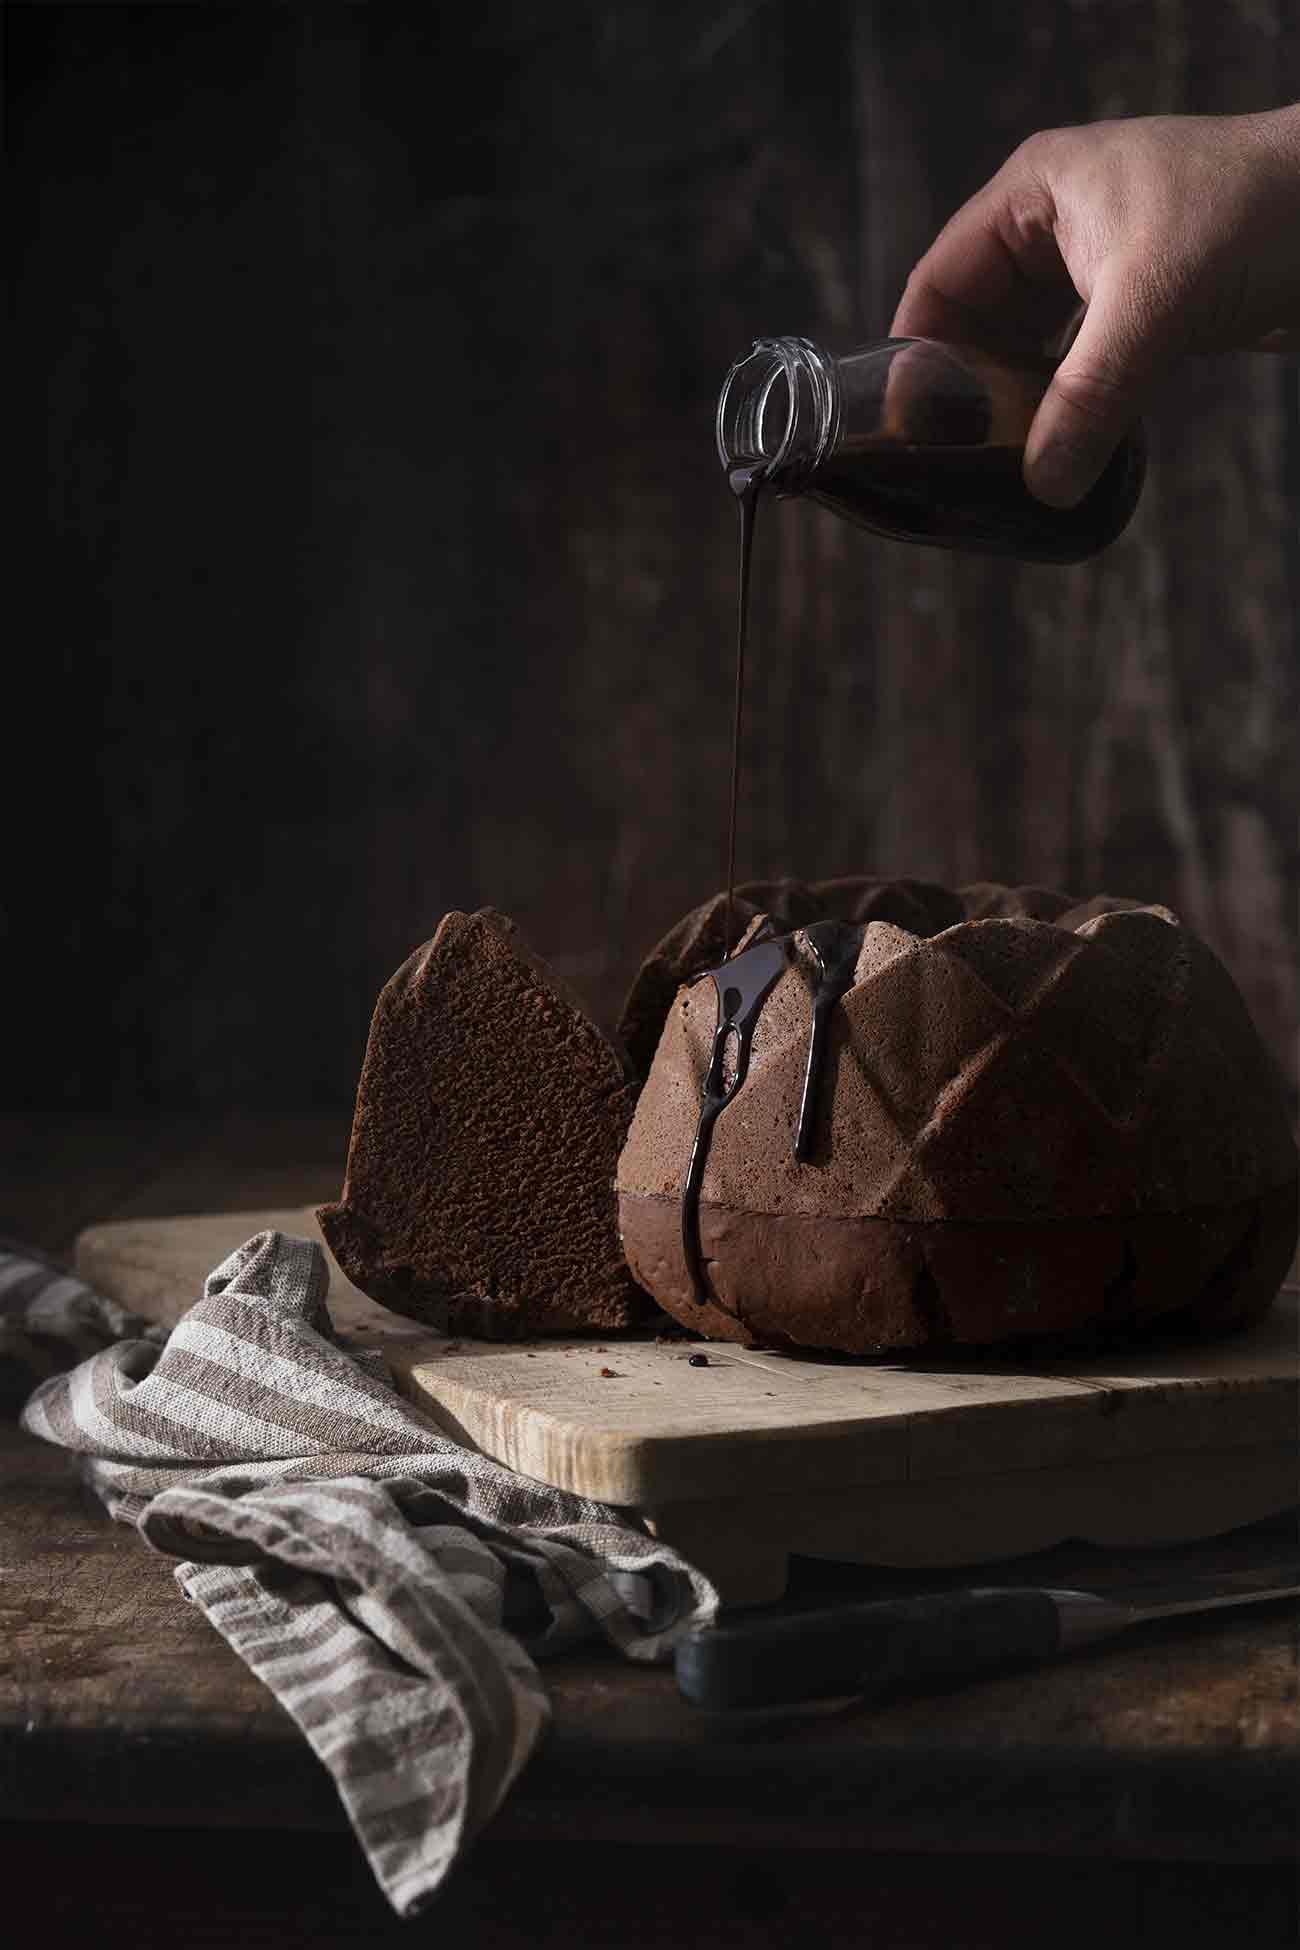 Wir alle kennen doch noch diese kleinen Schokoladenkuchen mit flüssigen Schokoaldenkern, die vor einigen Jahren auf keiner Speisekarte fehlen durfte und schon jeder Drittplatzierte beim Perfekten Dinner als Dessert präsentierte, oder? Ich mag die Kombination aus warmen Schokoladenkuchen und flüssiger Schokosoße. Noch lieber mag ich diesen großen Gugelhupf mit einem Kern aus schokoladigen Salzkaramell.